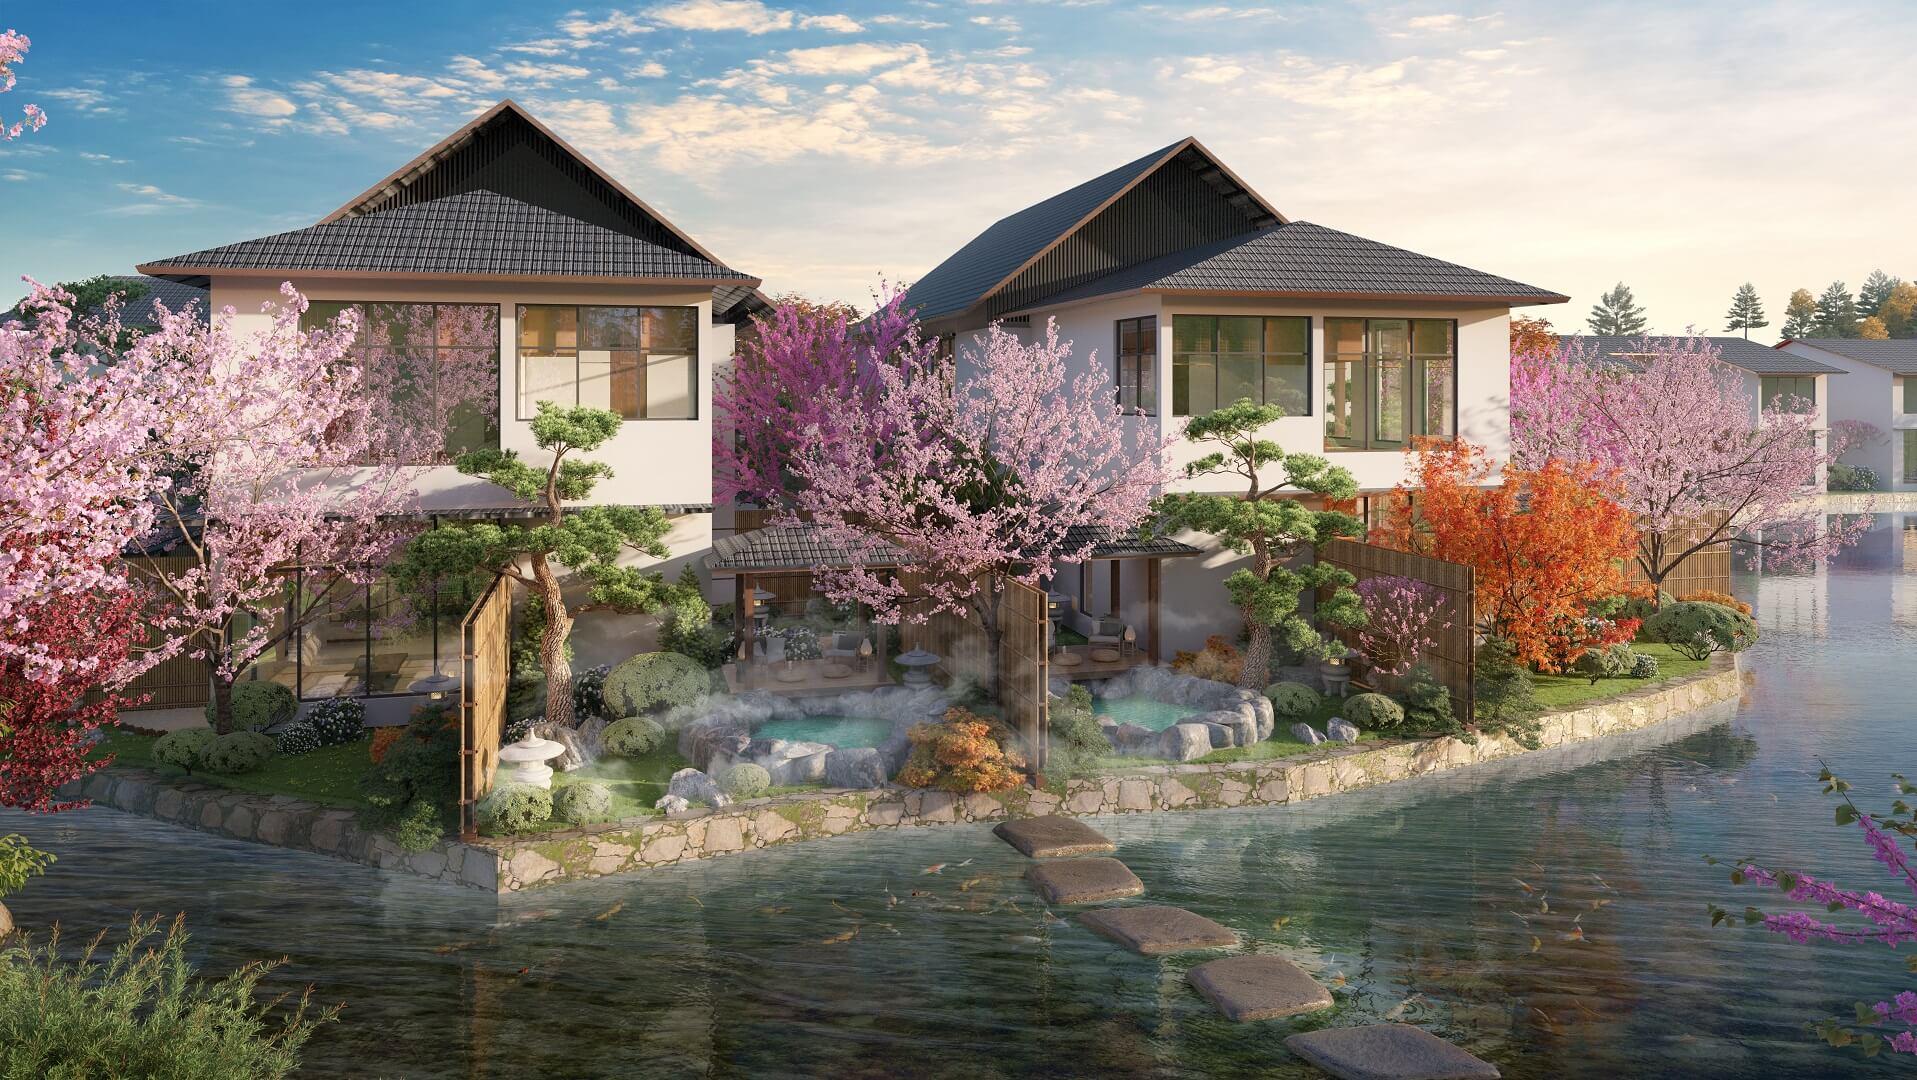 biệt thự sun onsen village quang hanh